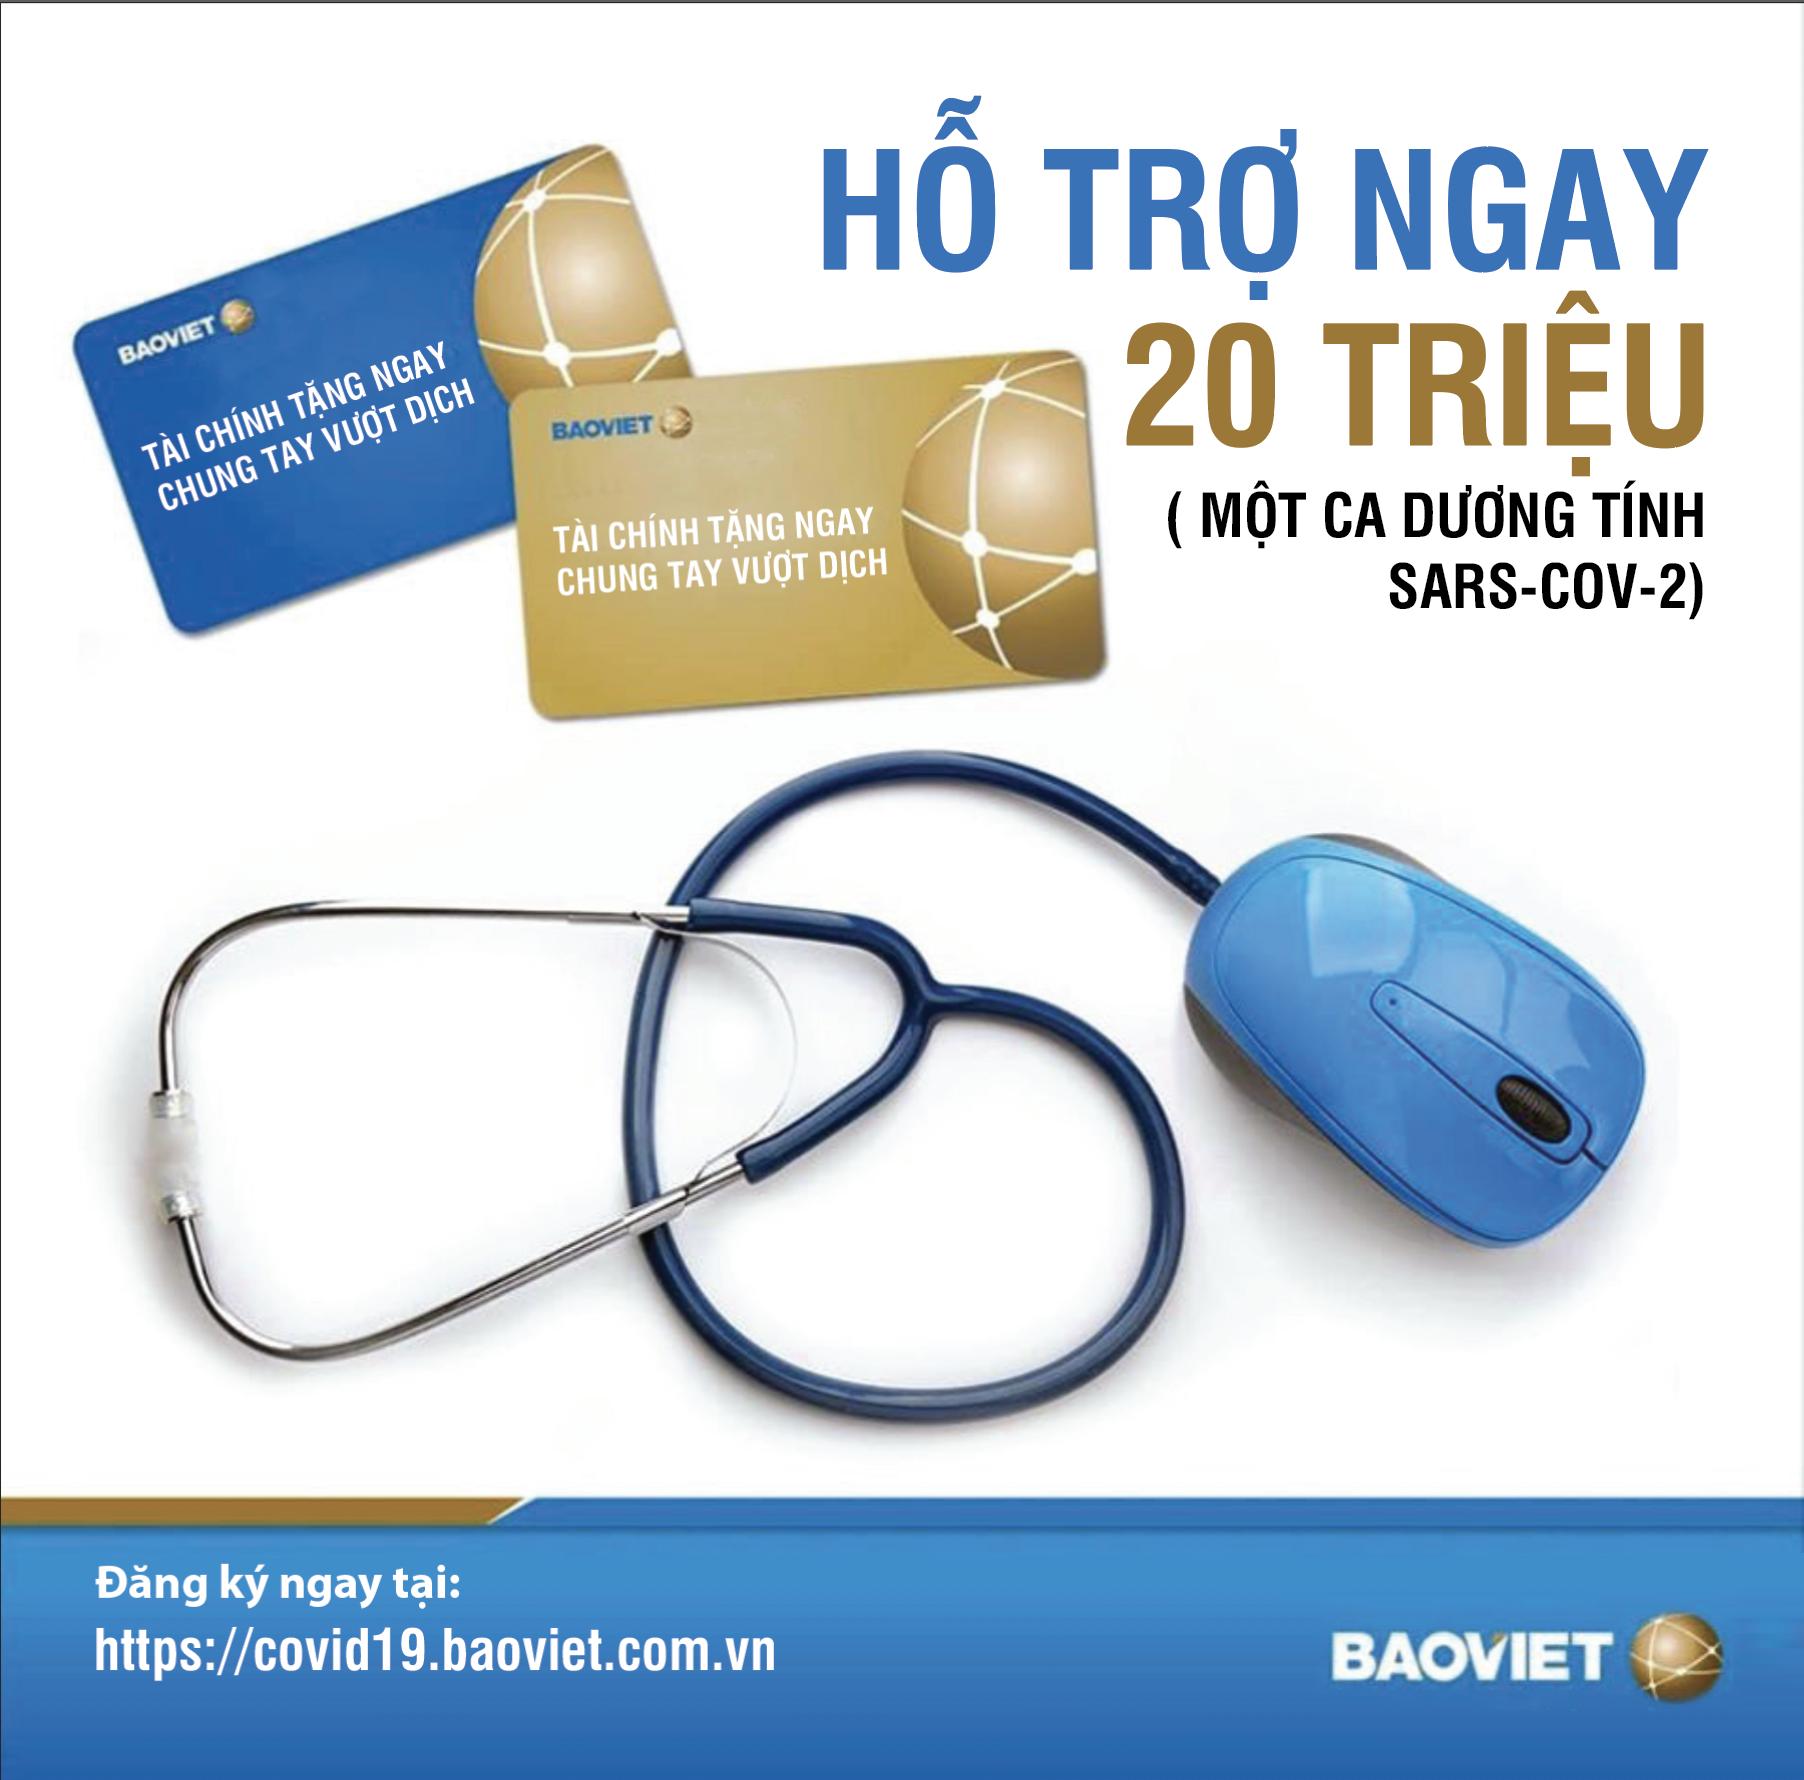 Bảo Việt hỗ trợ ngay 20 triệu đồng/ ca nhiễm vi rút SARS-CoV-2